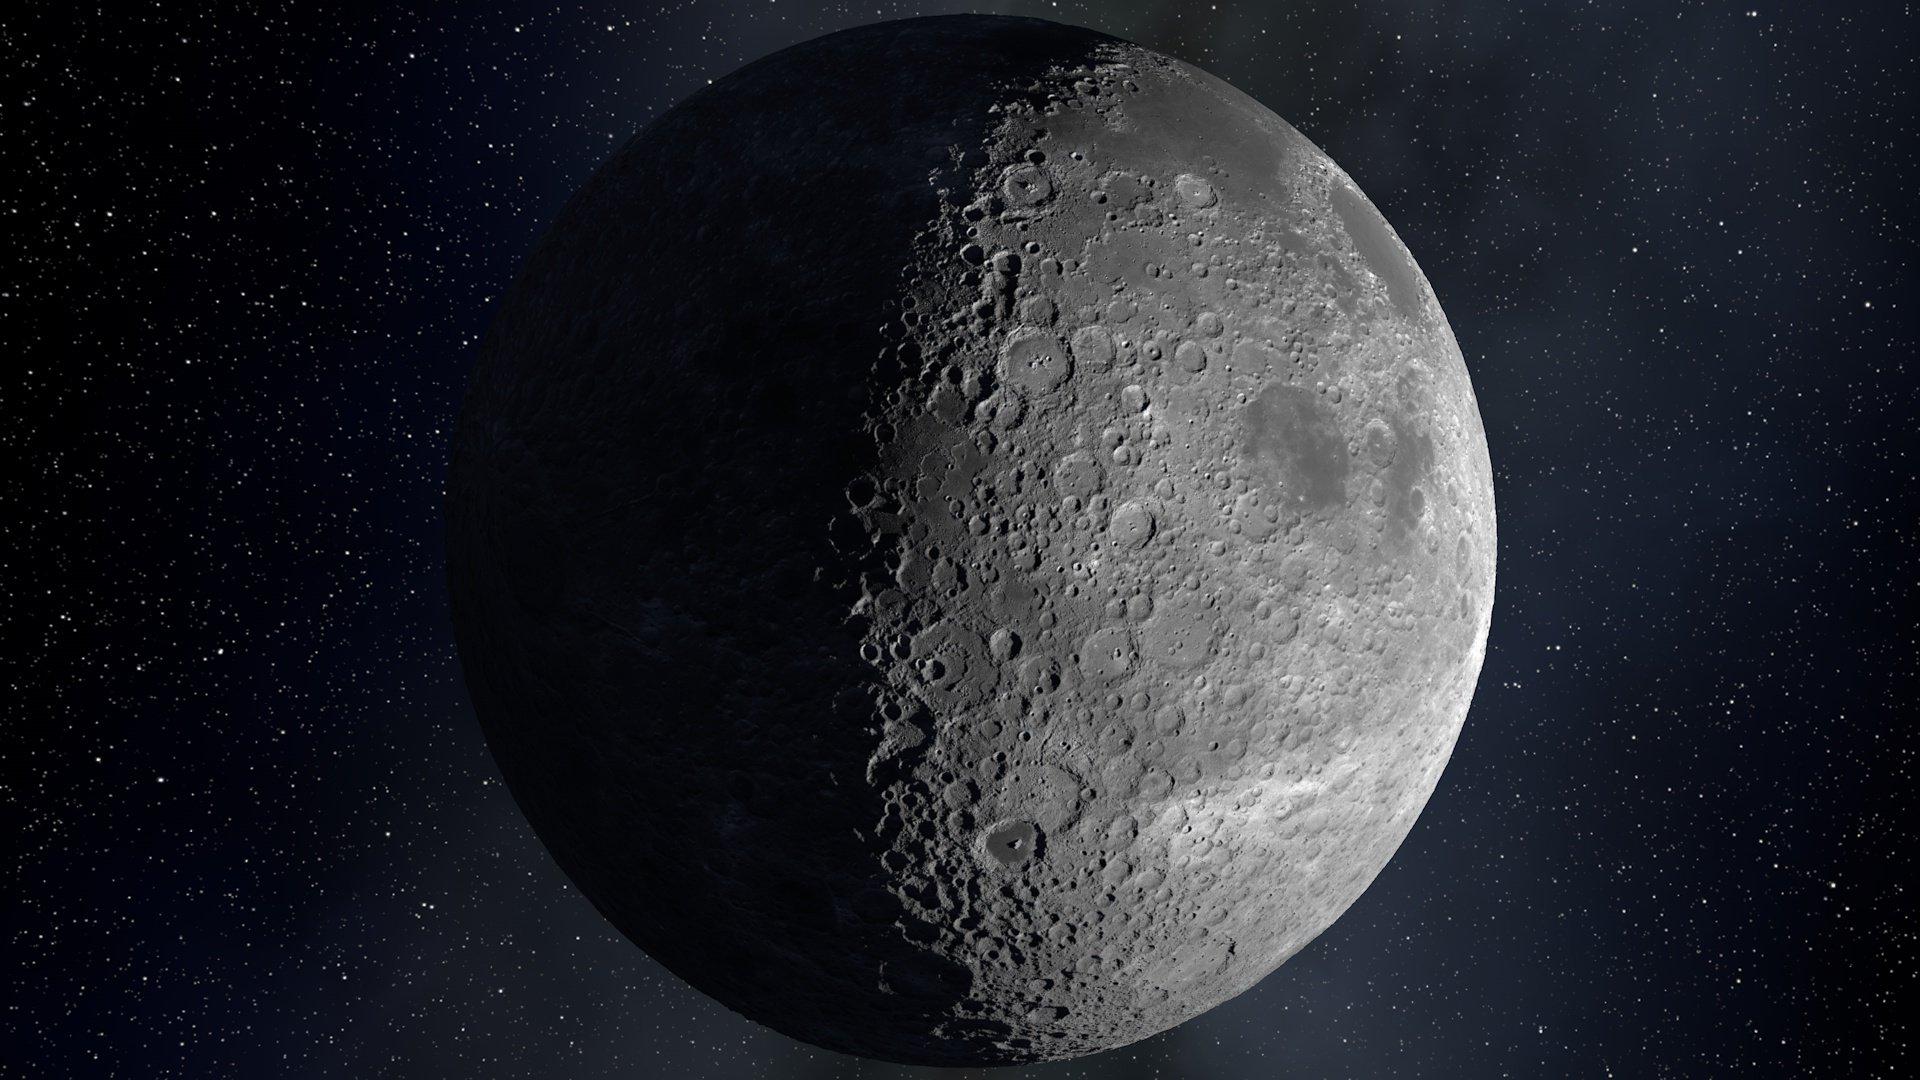 наступлением темноты реальные фото луны из космоса самых любимых